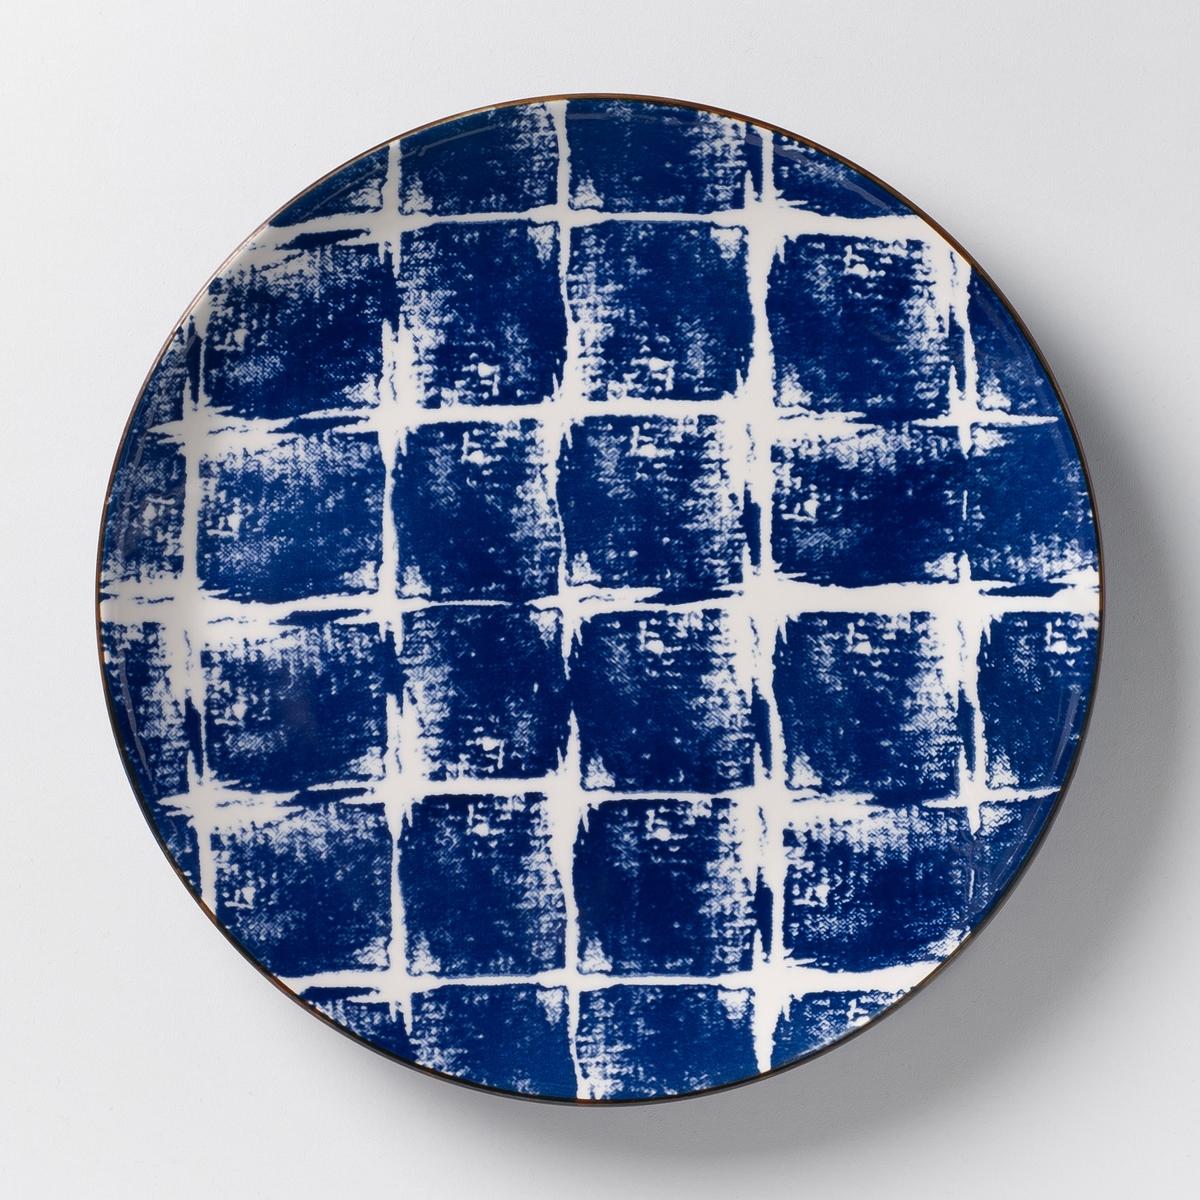 Комплект из 4 мелких тарелок из керамики Malado4 мелкие тарелки Malado . Рисунок икат. Из керамики, покрытой глазурью. Размеры  : диаметр 25,5 см. Подходит для посудомоечной машины и микроволновой печи. Салатник, миска и десертная тарелка того же набора представлены на нашем сайте.<br><br>Цвет: горчичный,индиго<br>Размер: единый размер.единый размер